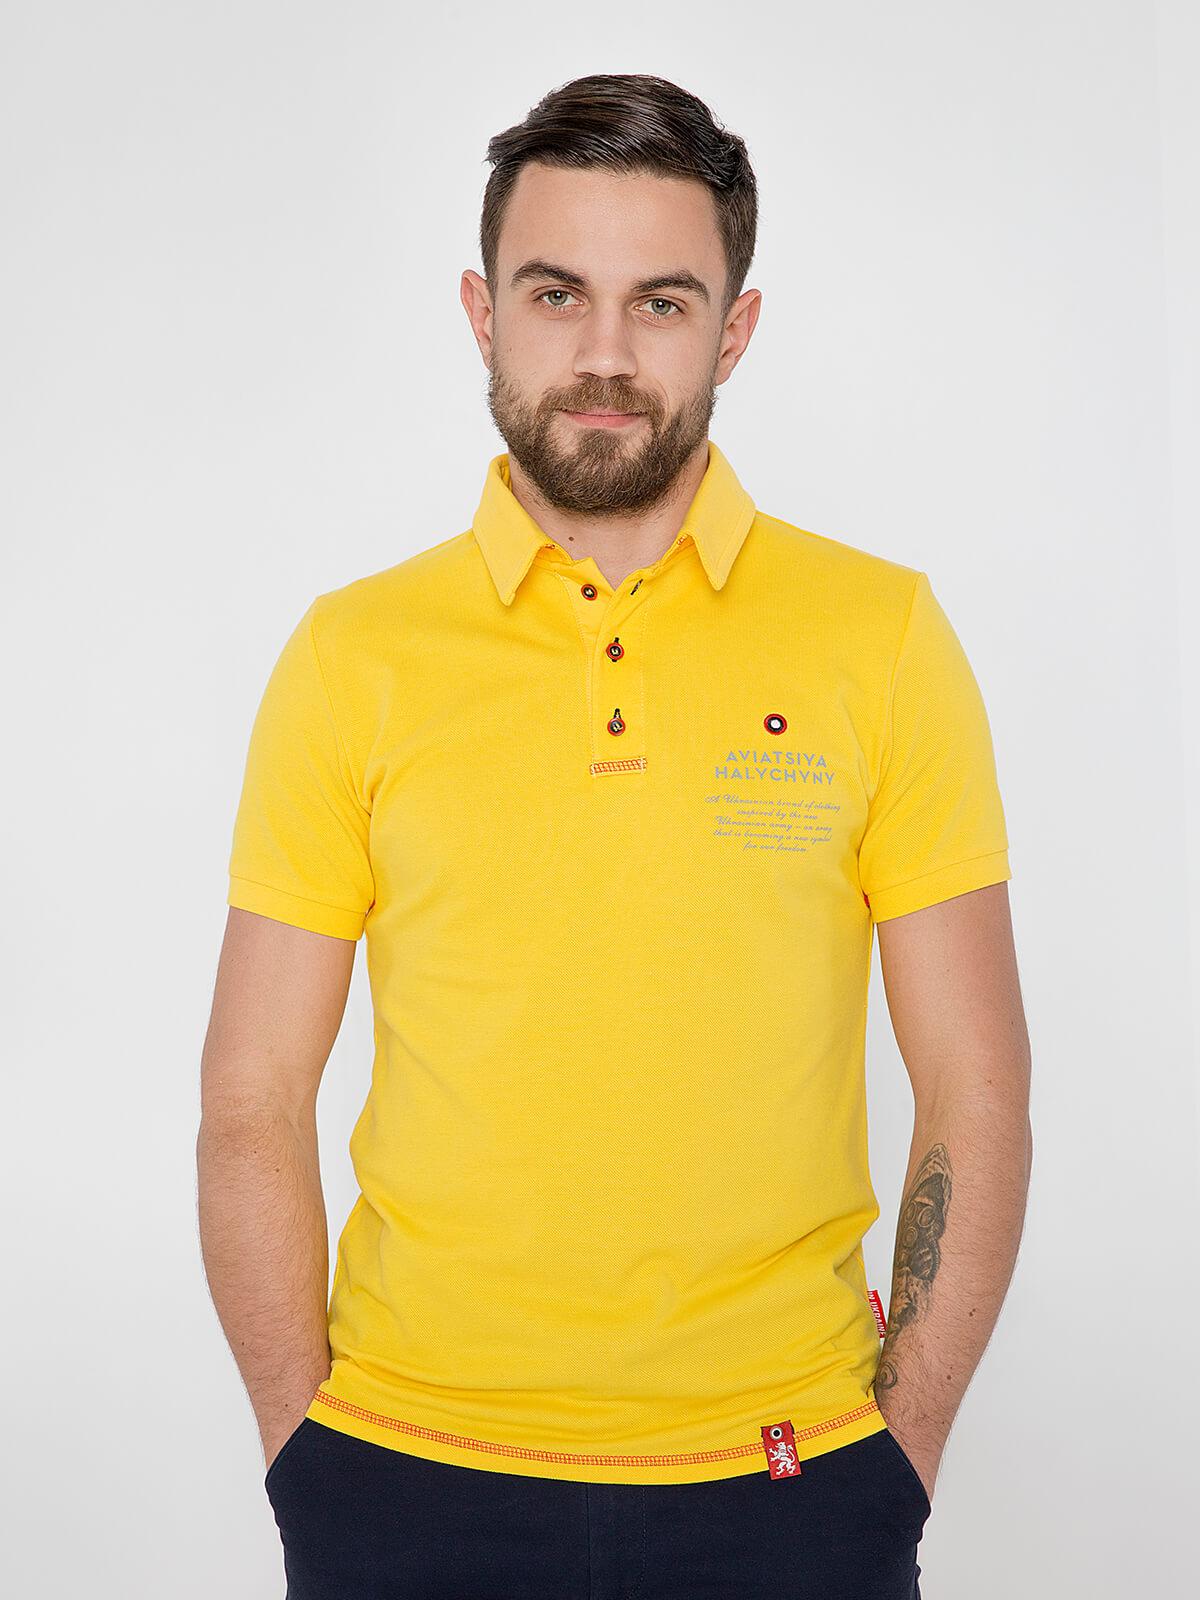 Чоловіче Поло Крила. Колір жовтий. Поло унісекс (розміри чоловічі).